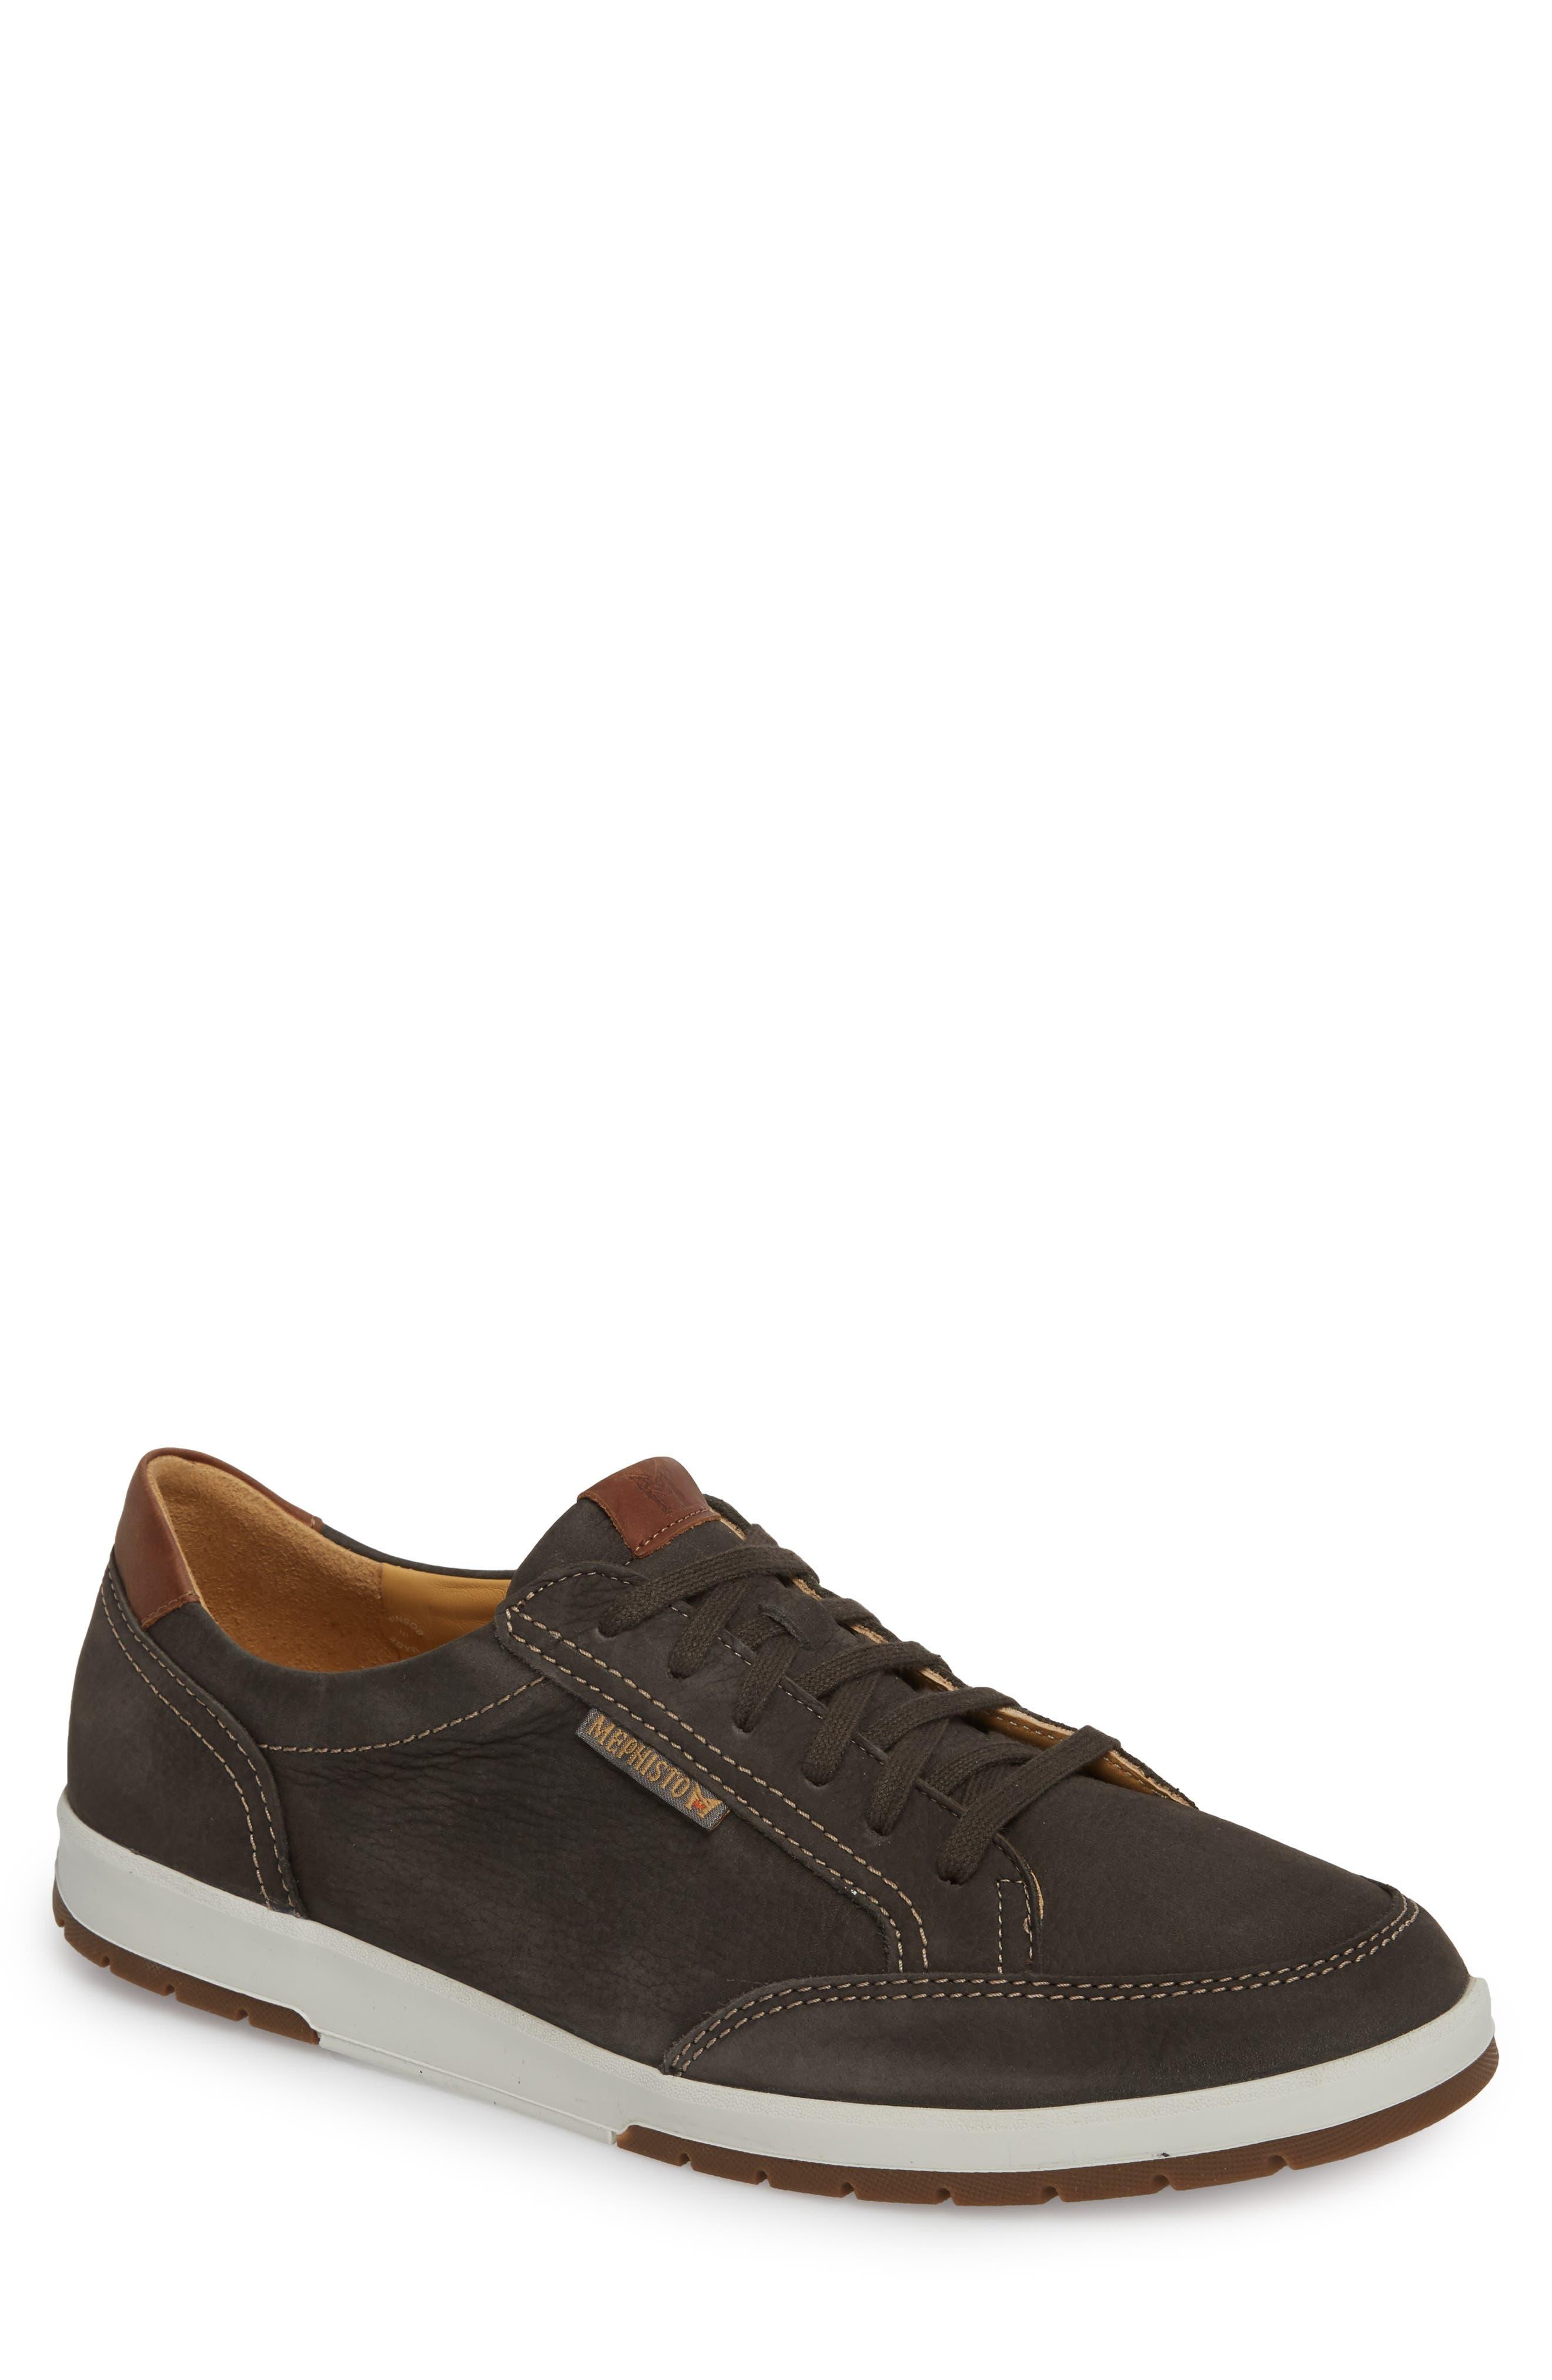 MEPHISTO 'Ludo' Sneaker, Main, color, GRAPHITE